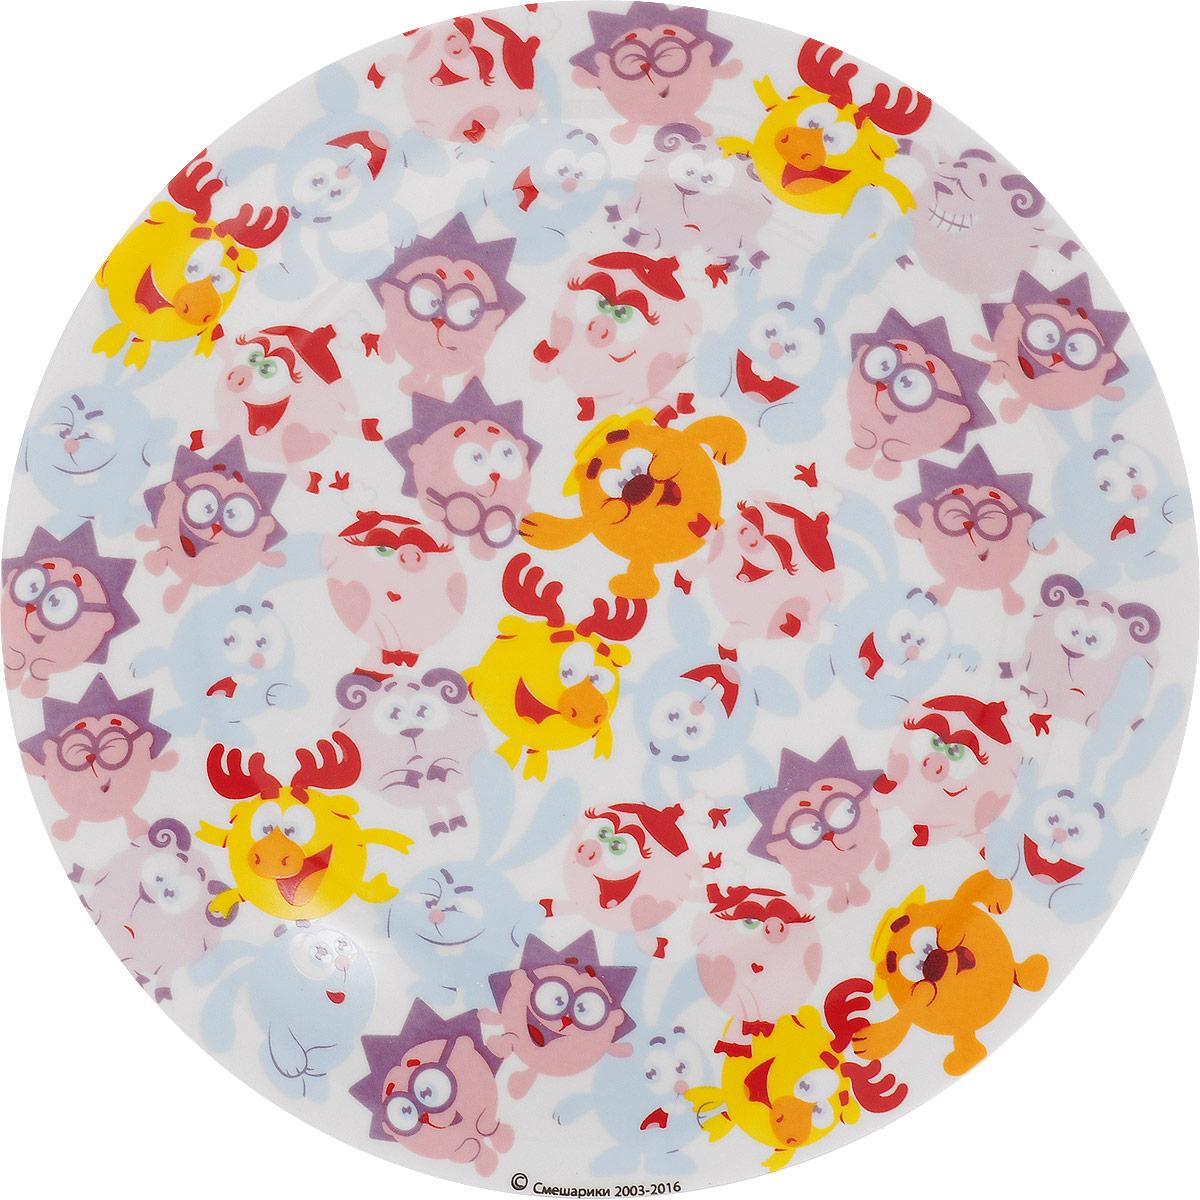 """Детская тарелка Смешарики """"Бум"""" идеально подойдет для кормления малыша и самостоятельного приема пищи. Тарелка выполнена из керамики, ее широкие бортики обеспечат удобство кормления и предотвратят случайное проливание жидкой пищи.  Тарелка оформлена яркими изображениями героев мультсериала """"Смешарики"""". Она предназначена для горячей и холодной пищи, подходит для мытья в посудомоечной машине и использования в микроволновой печи. Яркая тарелка с любимыми героями порадует малыша и сделает любой прием пищи приятным и веселым."""